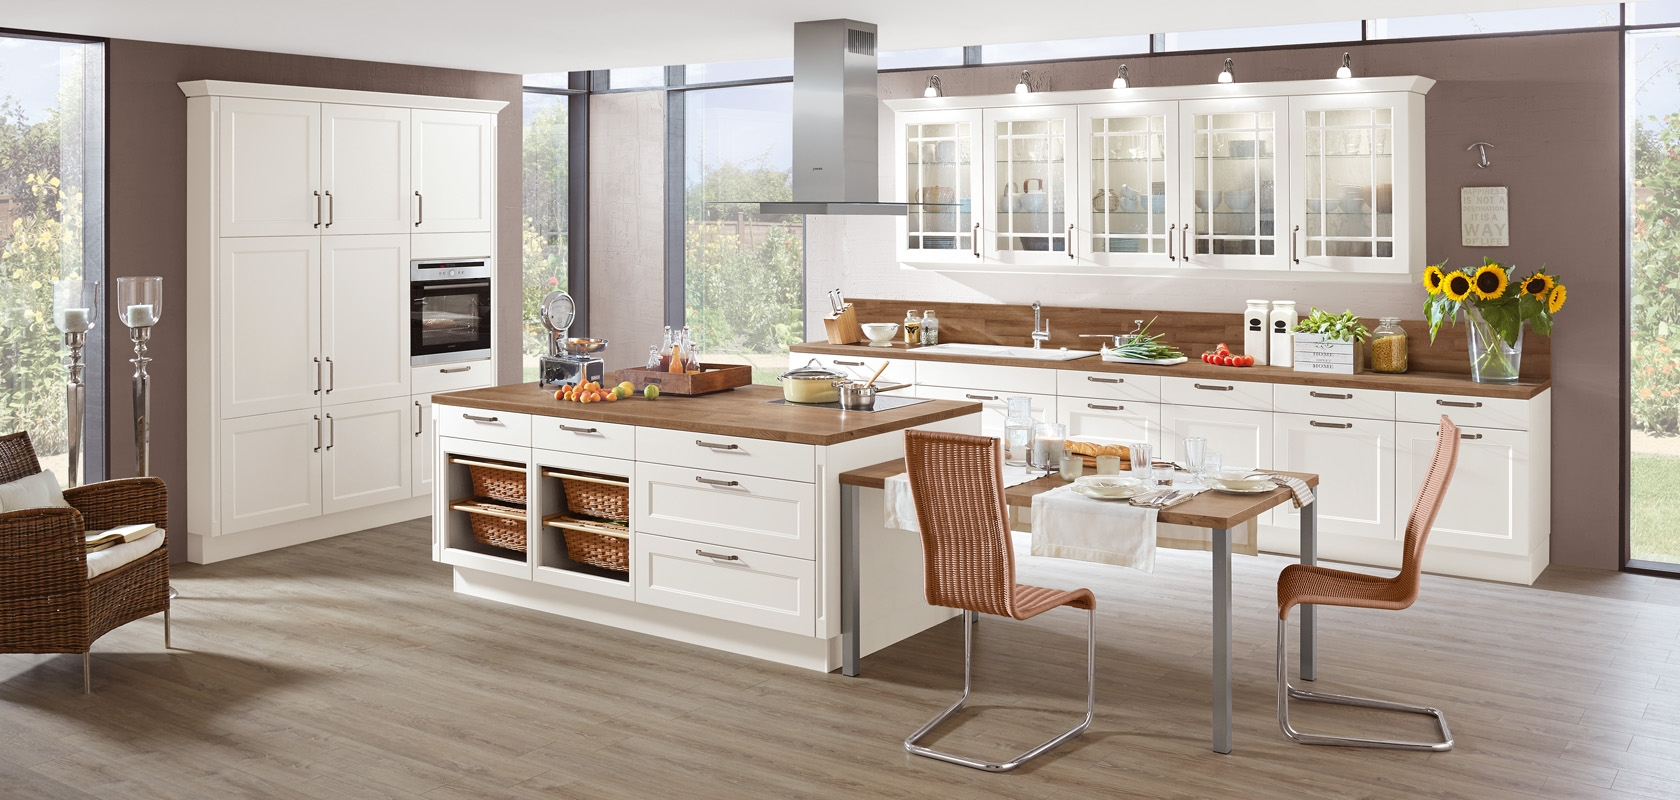 Full Size of Landhausküche Landhauskche Vorwrts Zurck In Romantik Ihr Weiß Gebraucht Grau Moderne Weisse Küche Landhausküche